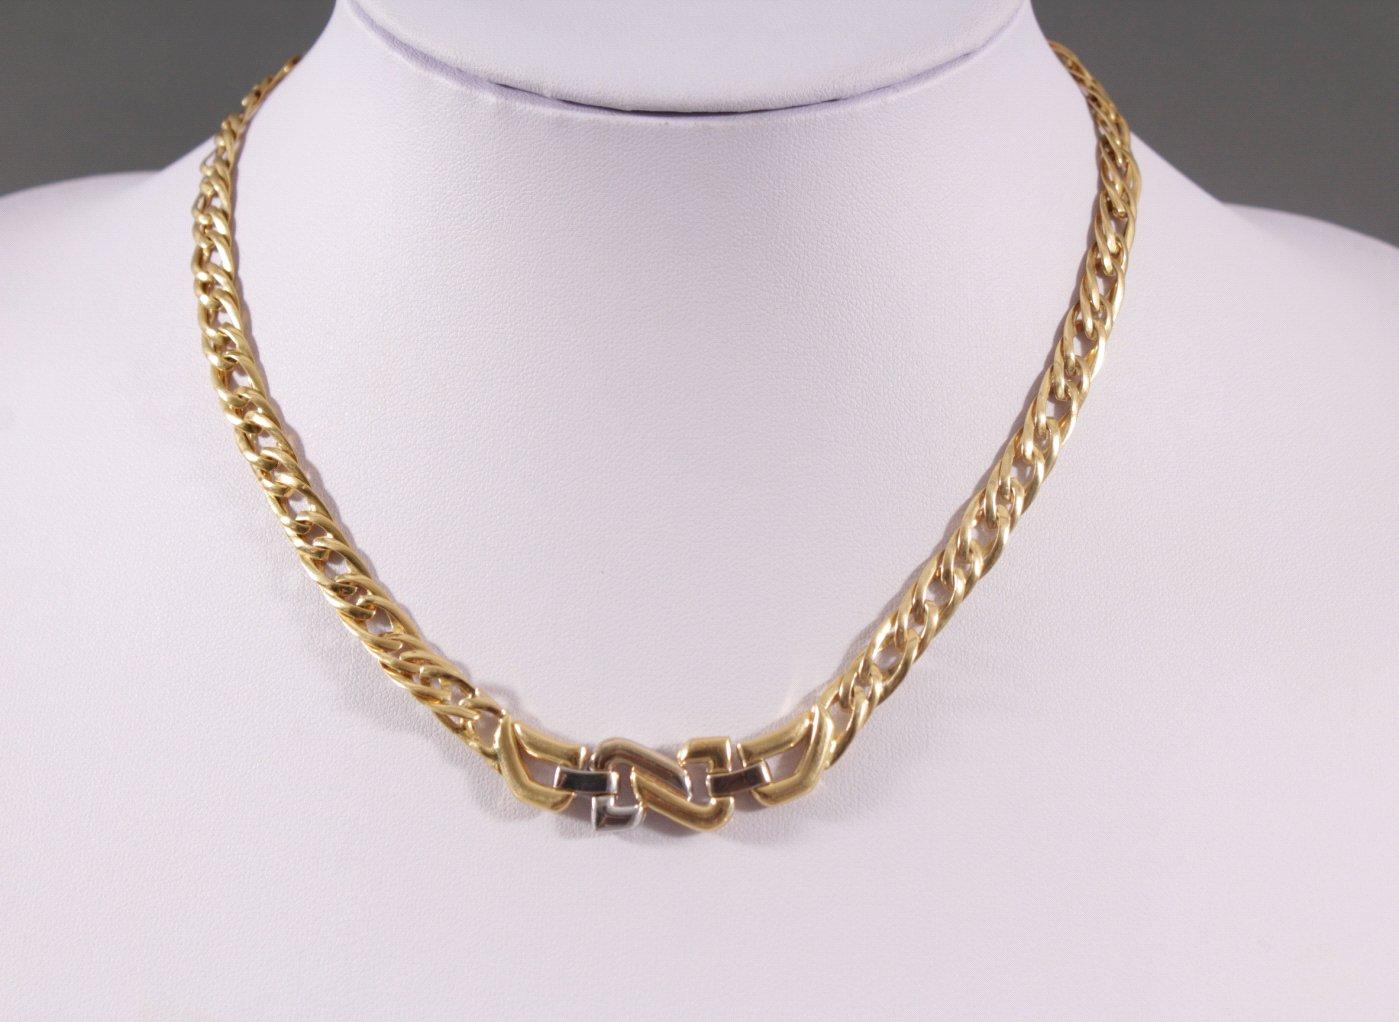 Halskette mit Brillanten